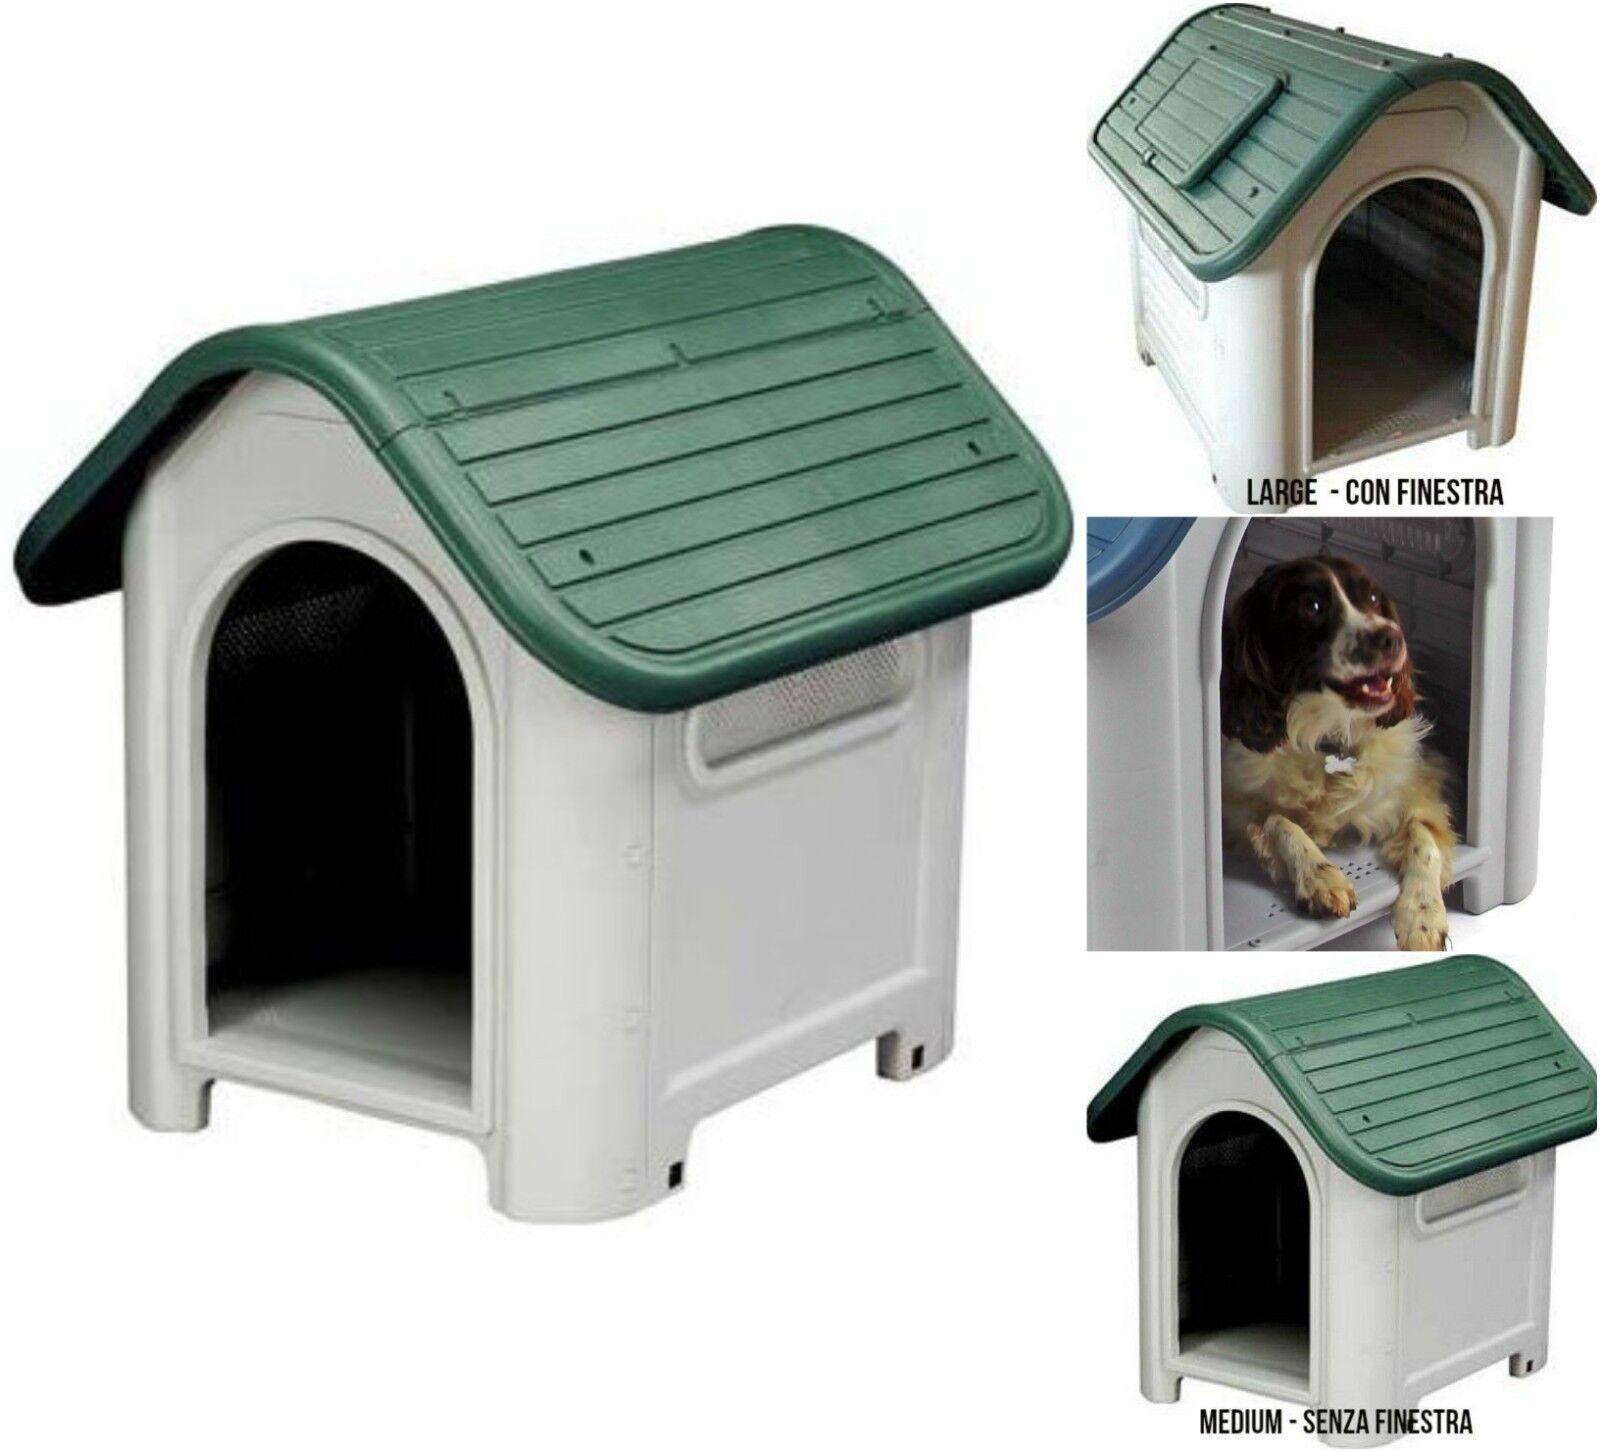 Cucce Piccole Per Cani dettagli su cuccia per cani taglia media grande casetta in plastica da  esterno cane cucce